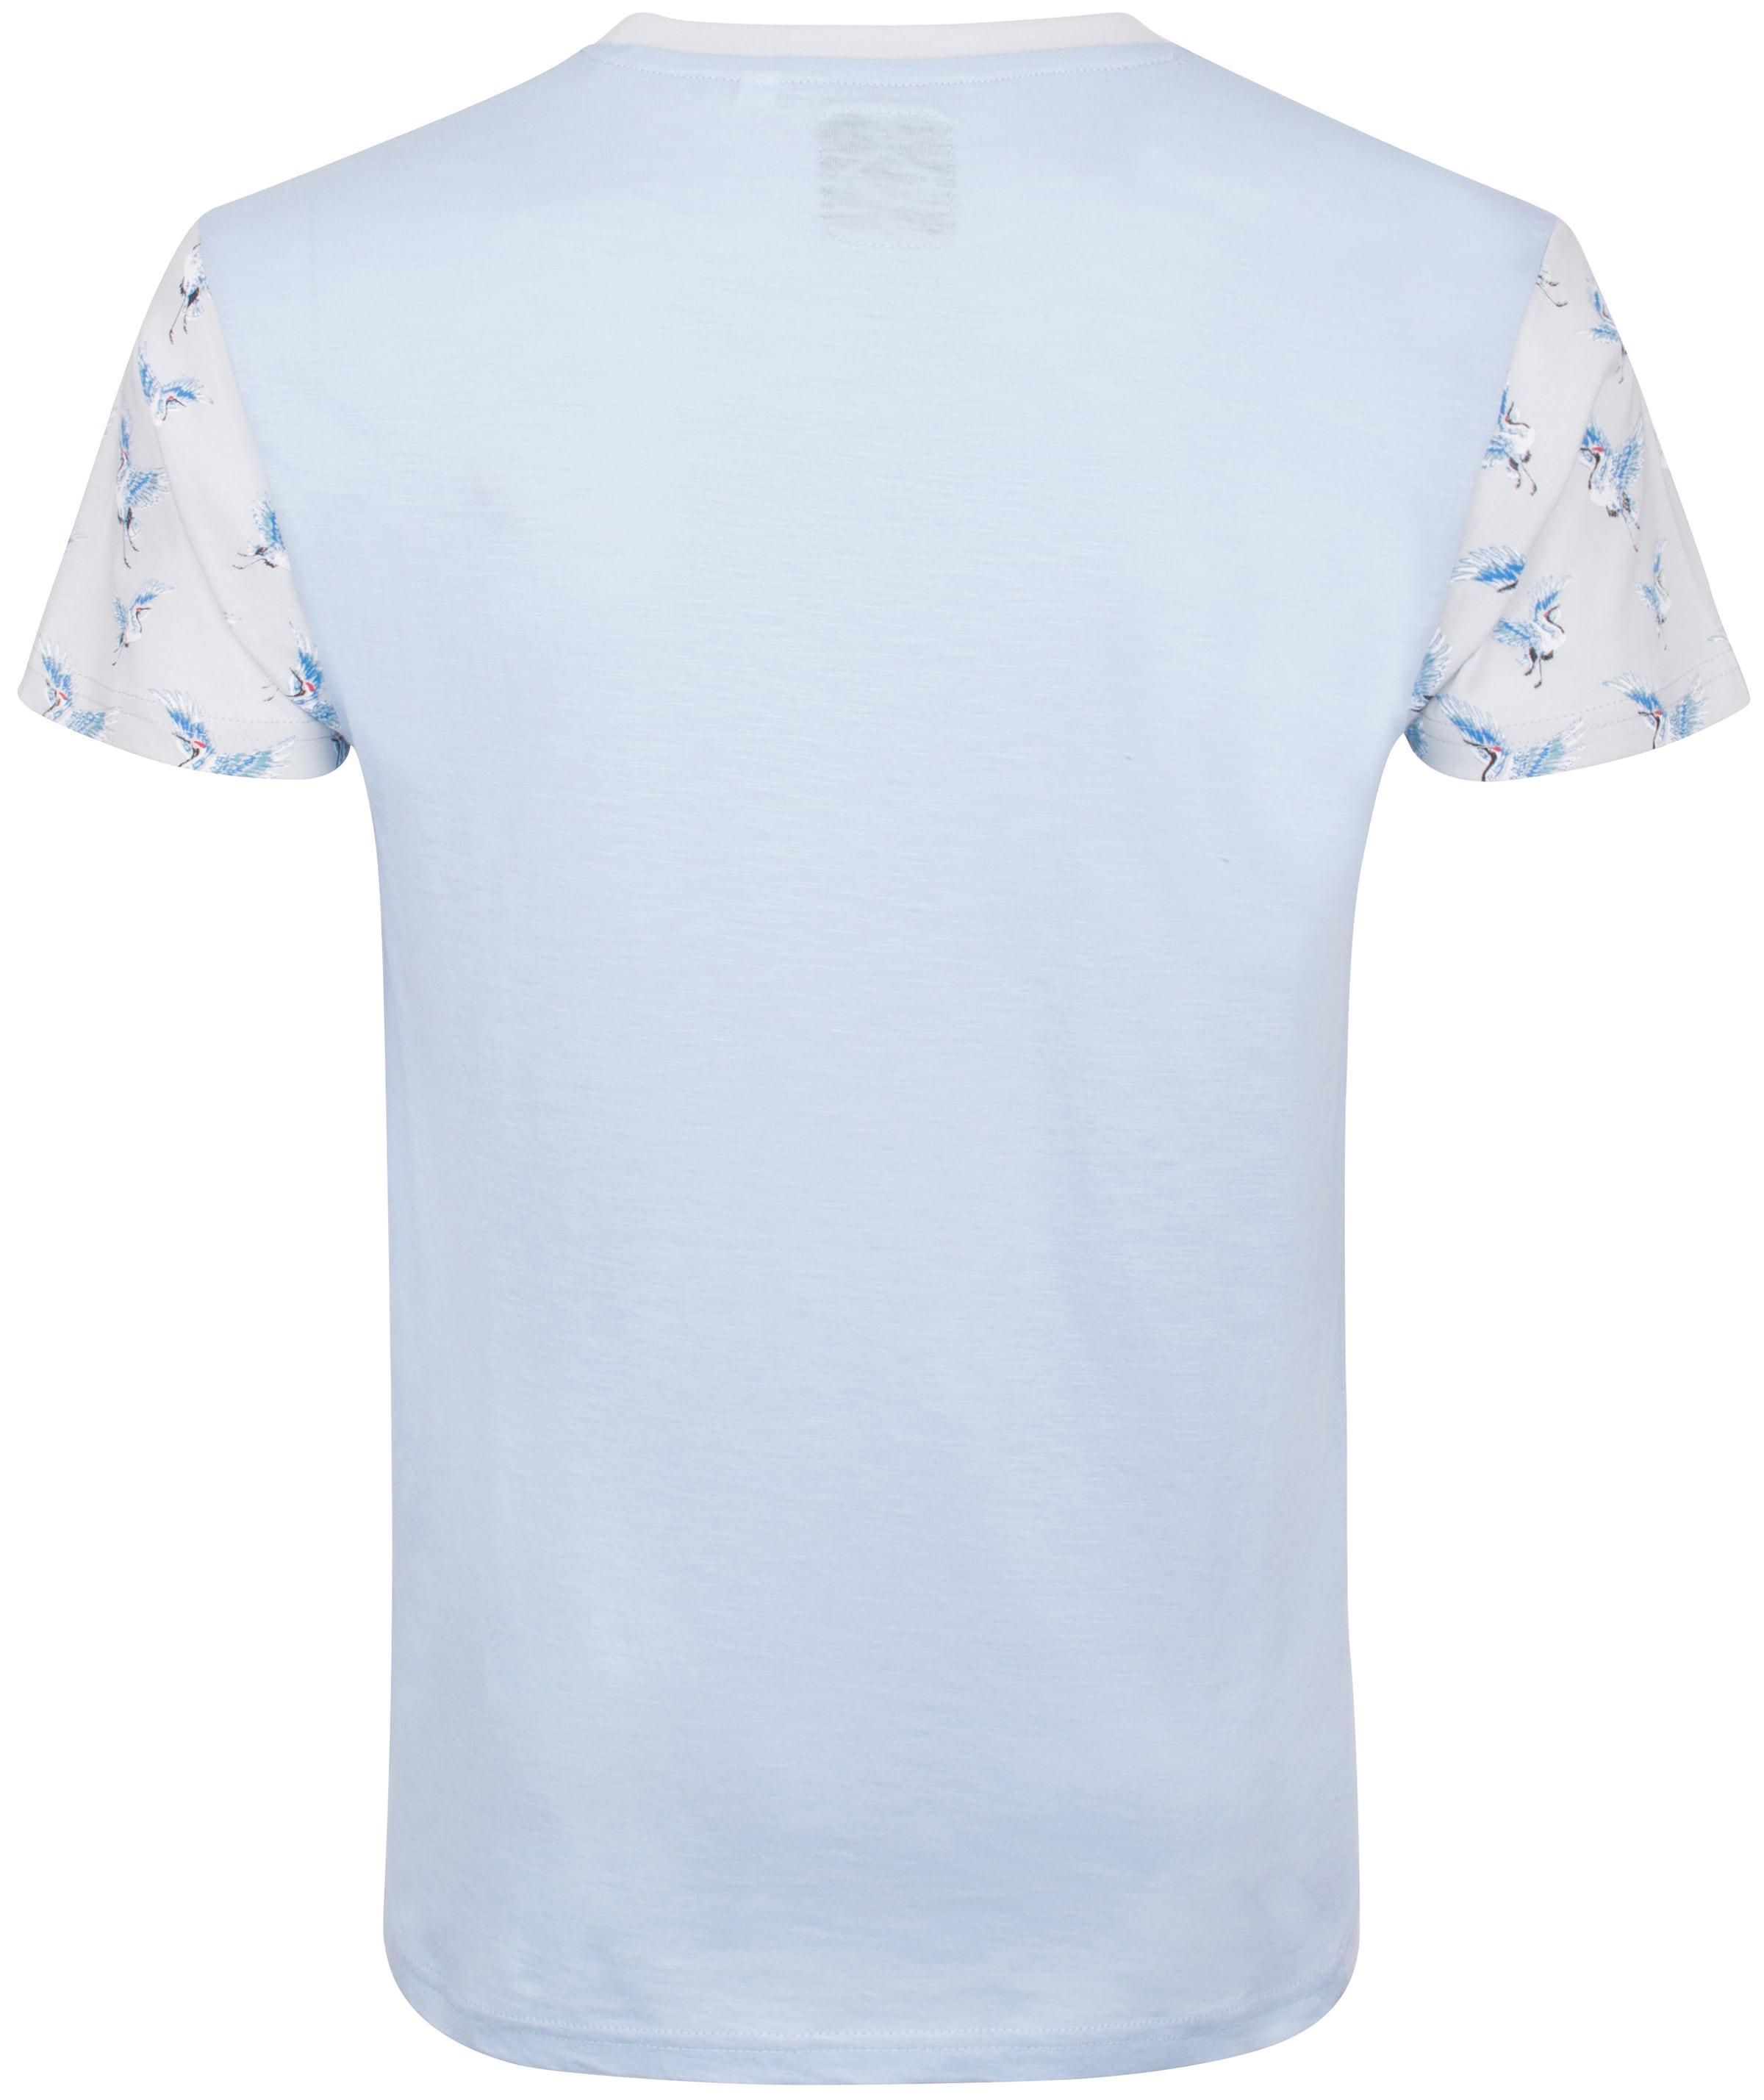 SOULSTAR T-Shirt Größte Lieferant Für Verkauf Ebay Günstiger Preis Mit Kreditkarte Freiem Verschiffen Rabatt-Websites Freies Verschiffen Der Niedrige Preis Versandgebühr zbVVri